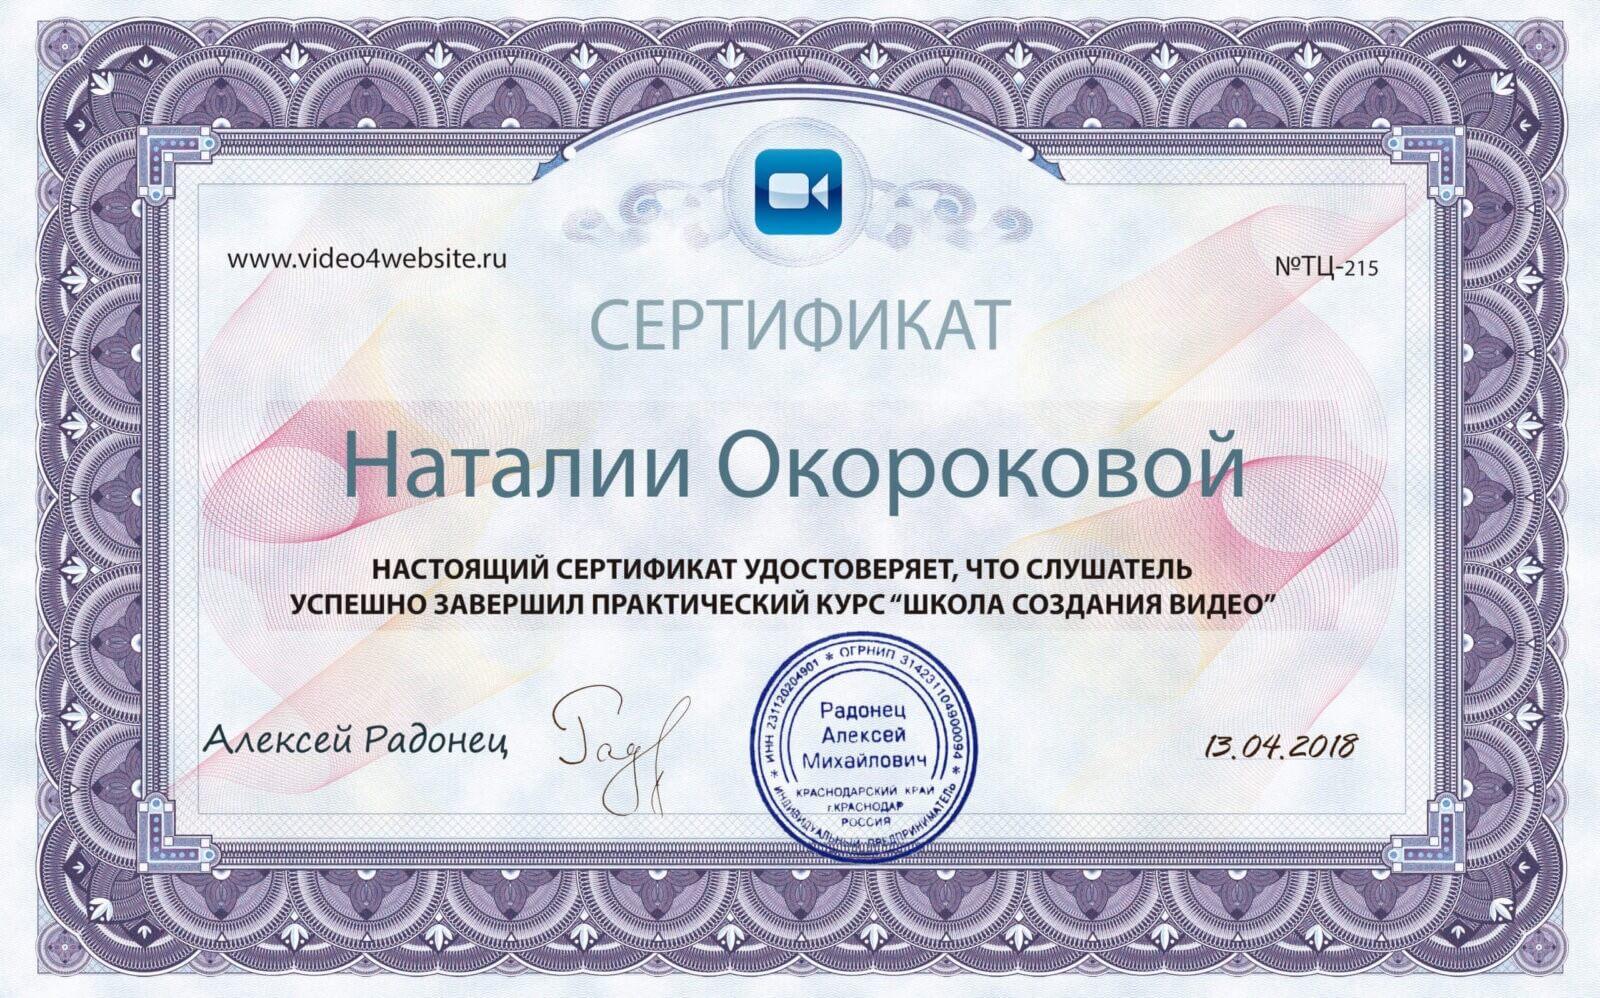 moi-dostizheniya-sertificat-po-vegaspro